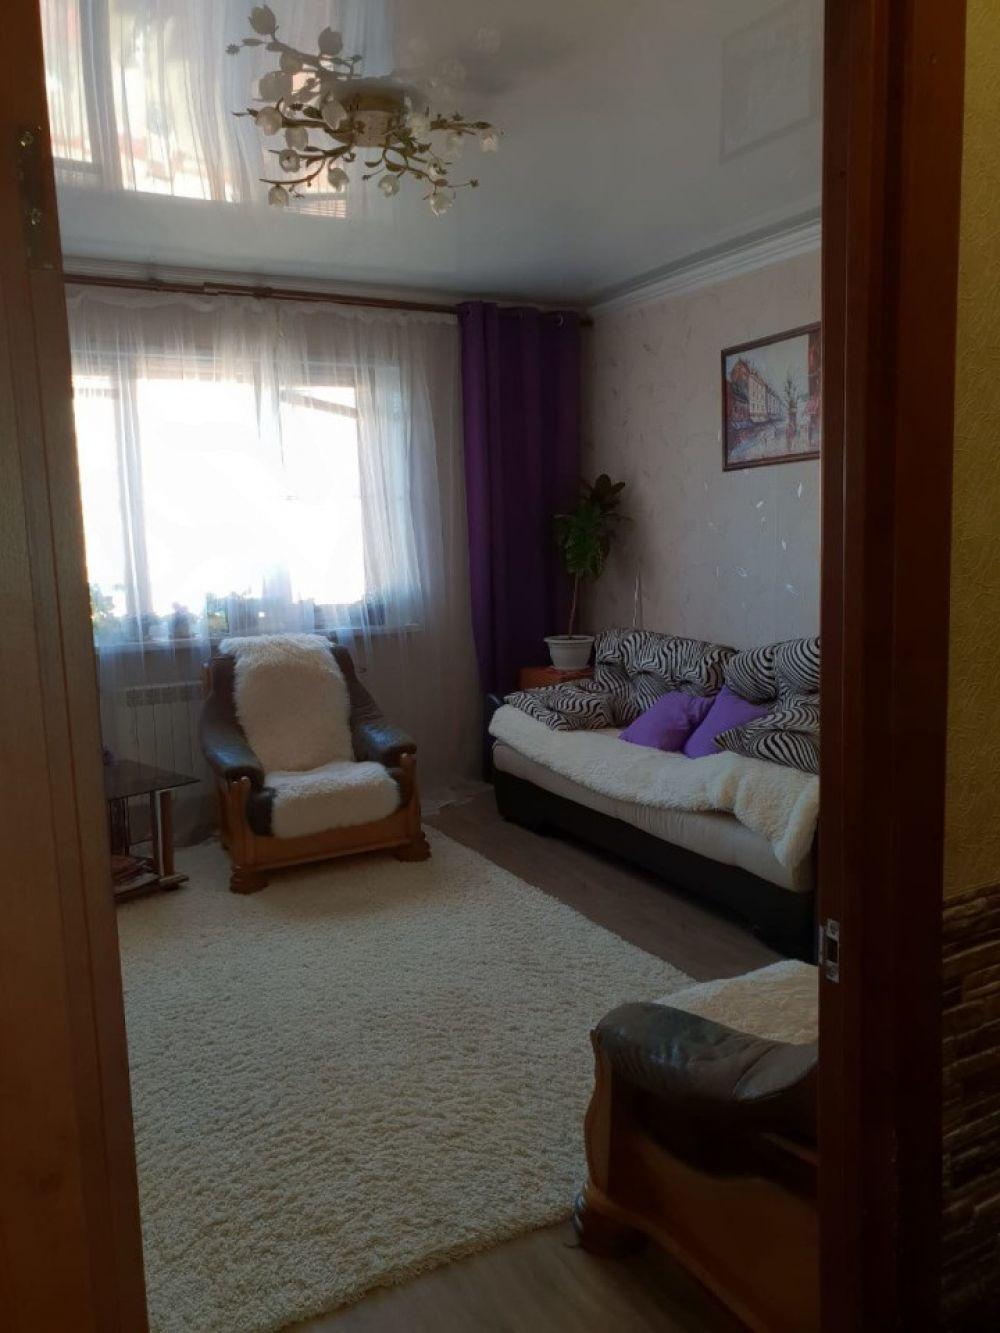 2-к квартира, Щелково, Неделина, 23, фото 4